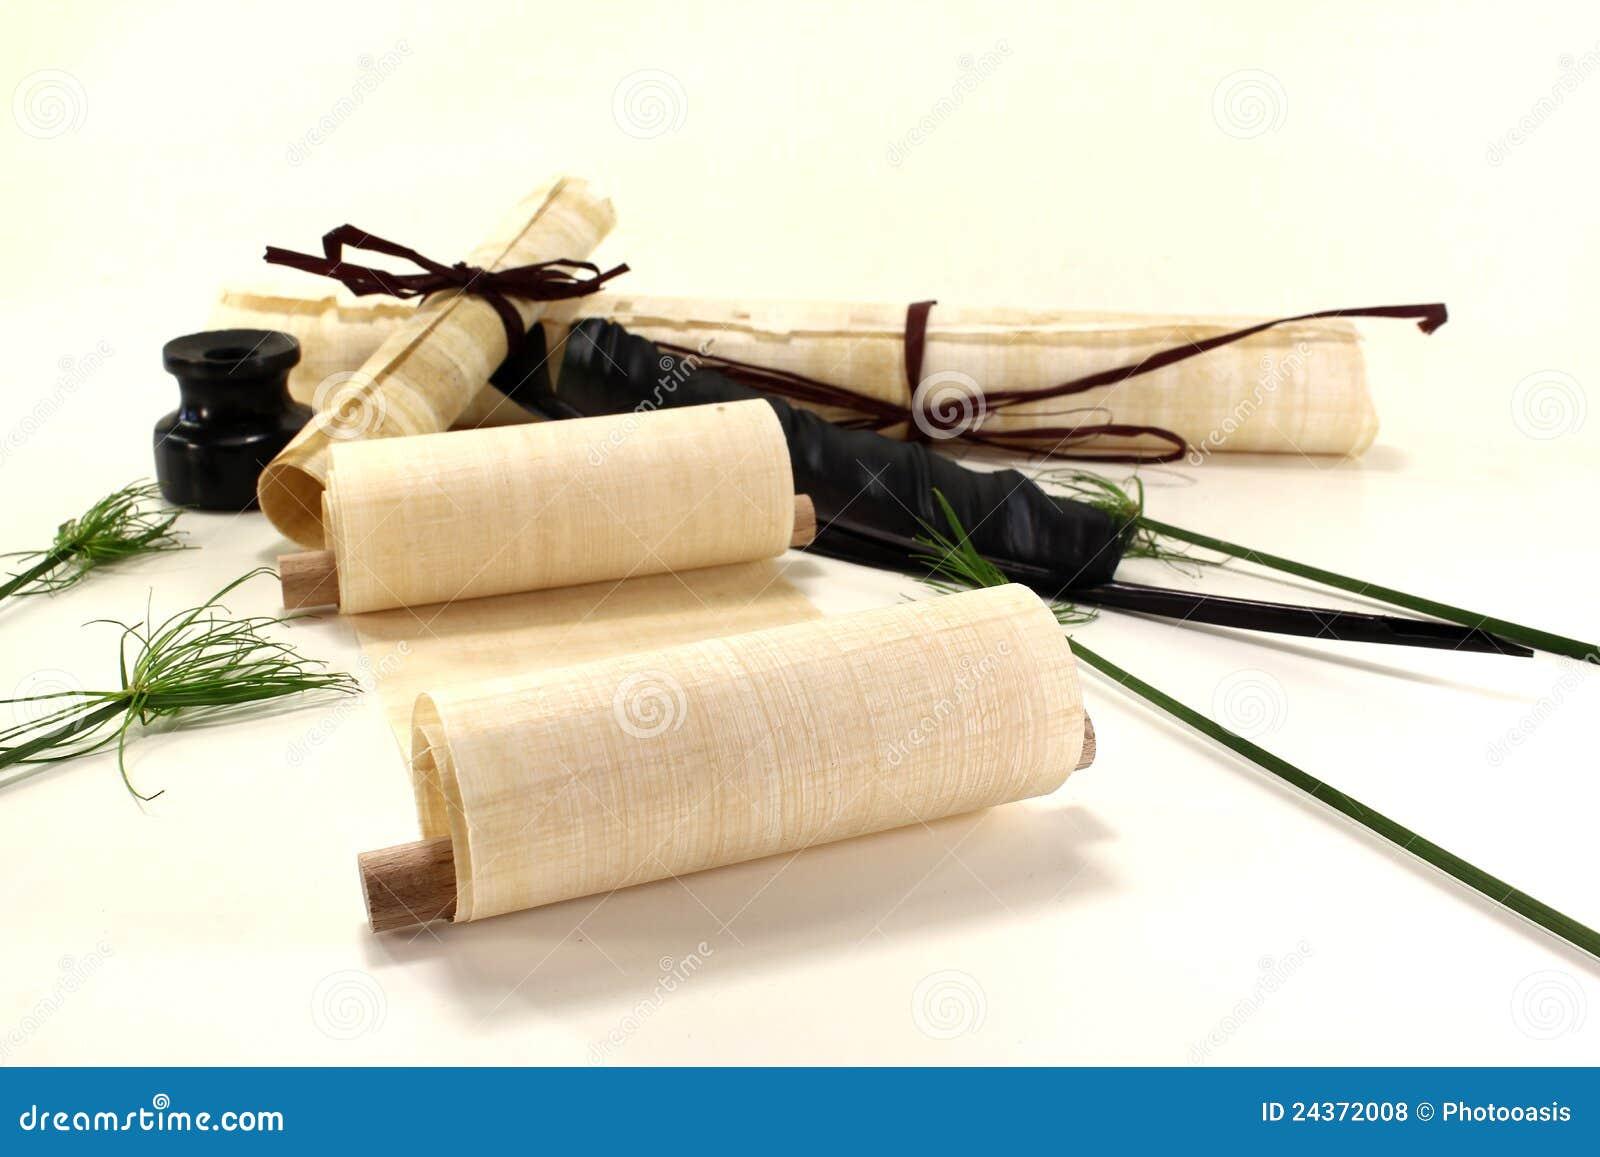 papyrus rollt mit tintenfa und feder lizenzfreie. Black Bedroom Furniture Sets. Home Design Ideas